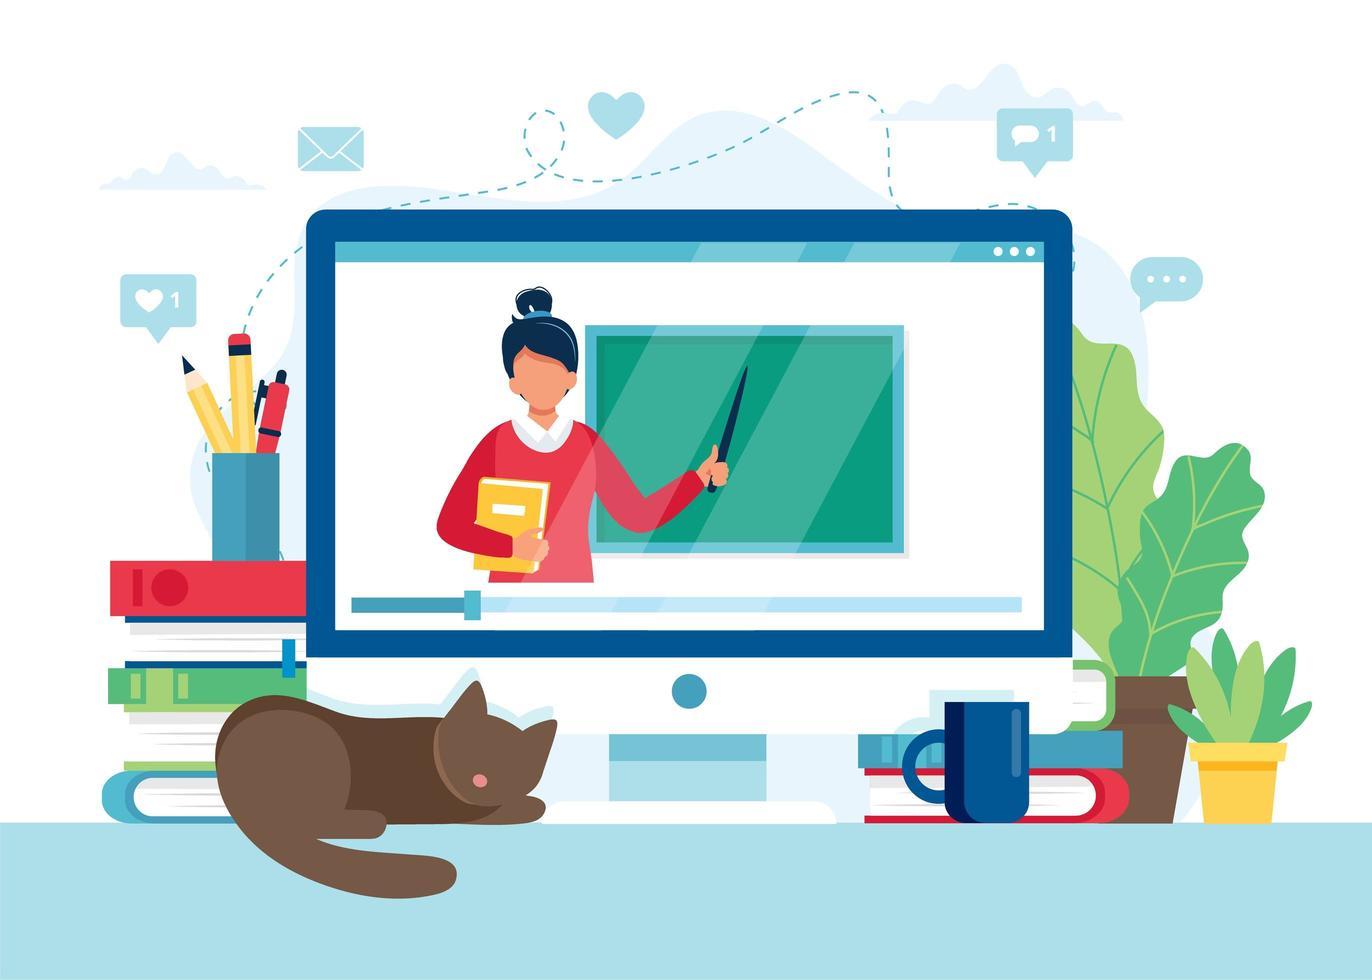 schermo con insegnante femminile e lavagna, lezione video vettore